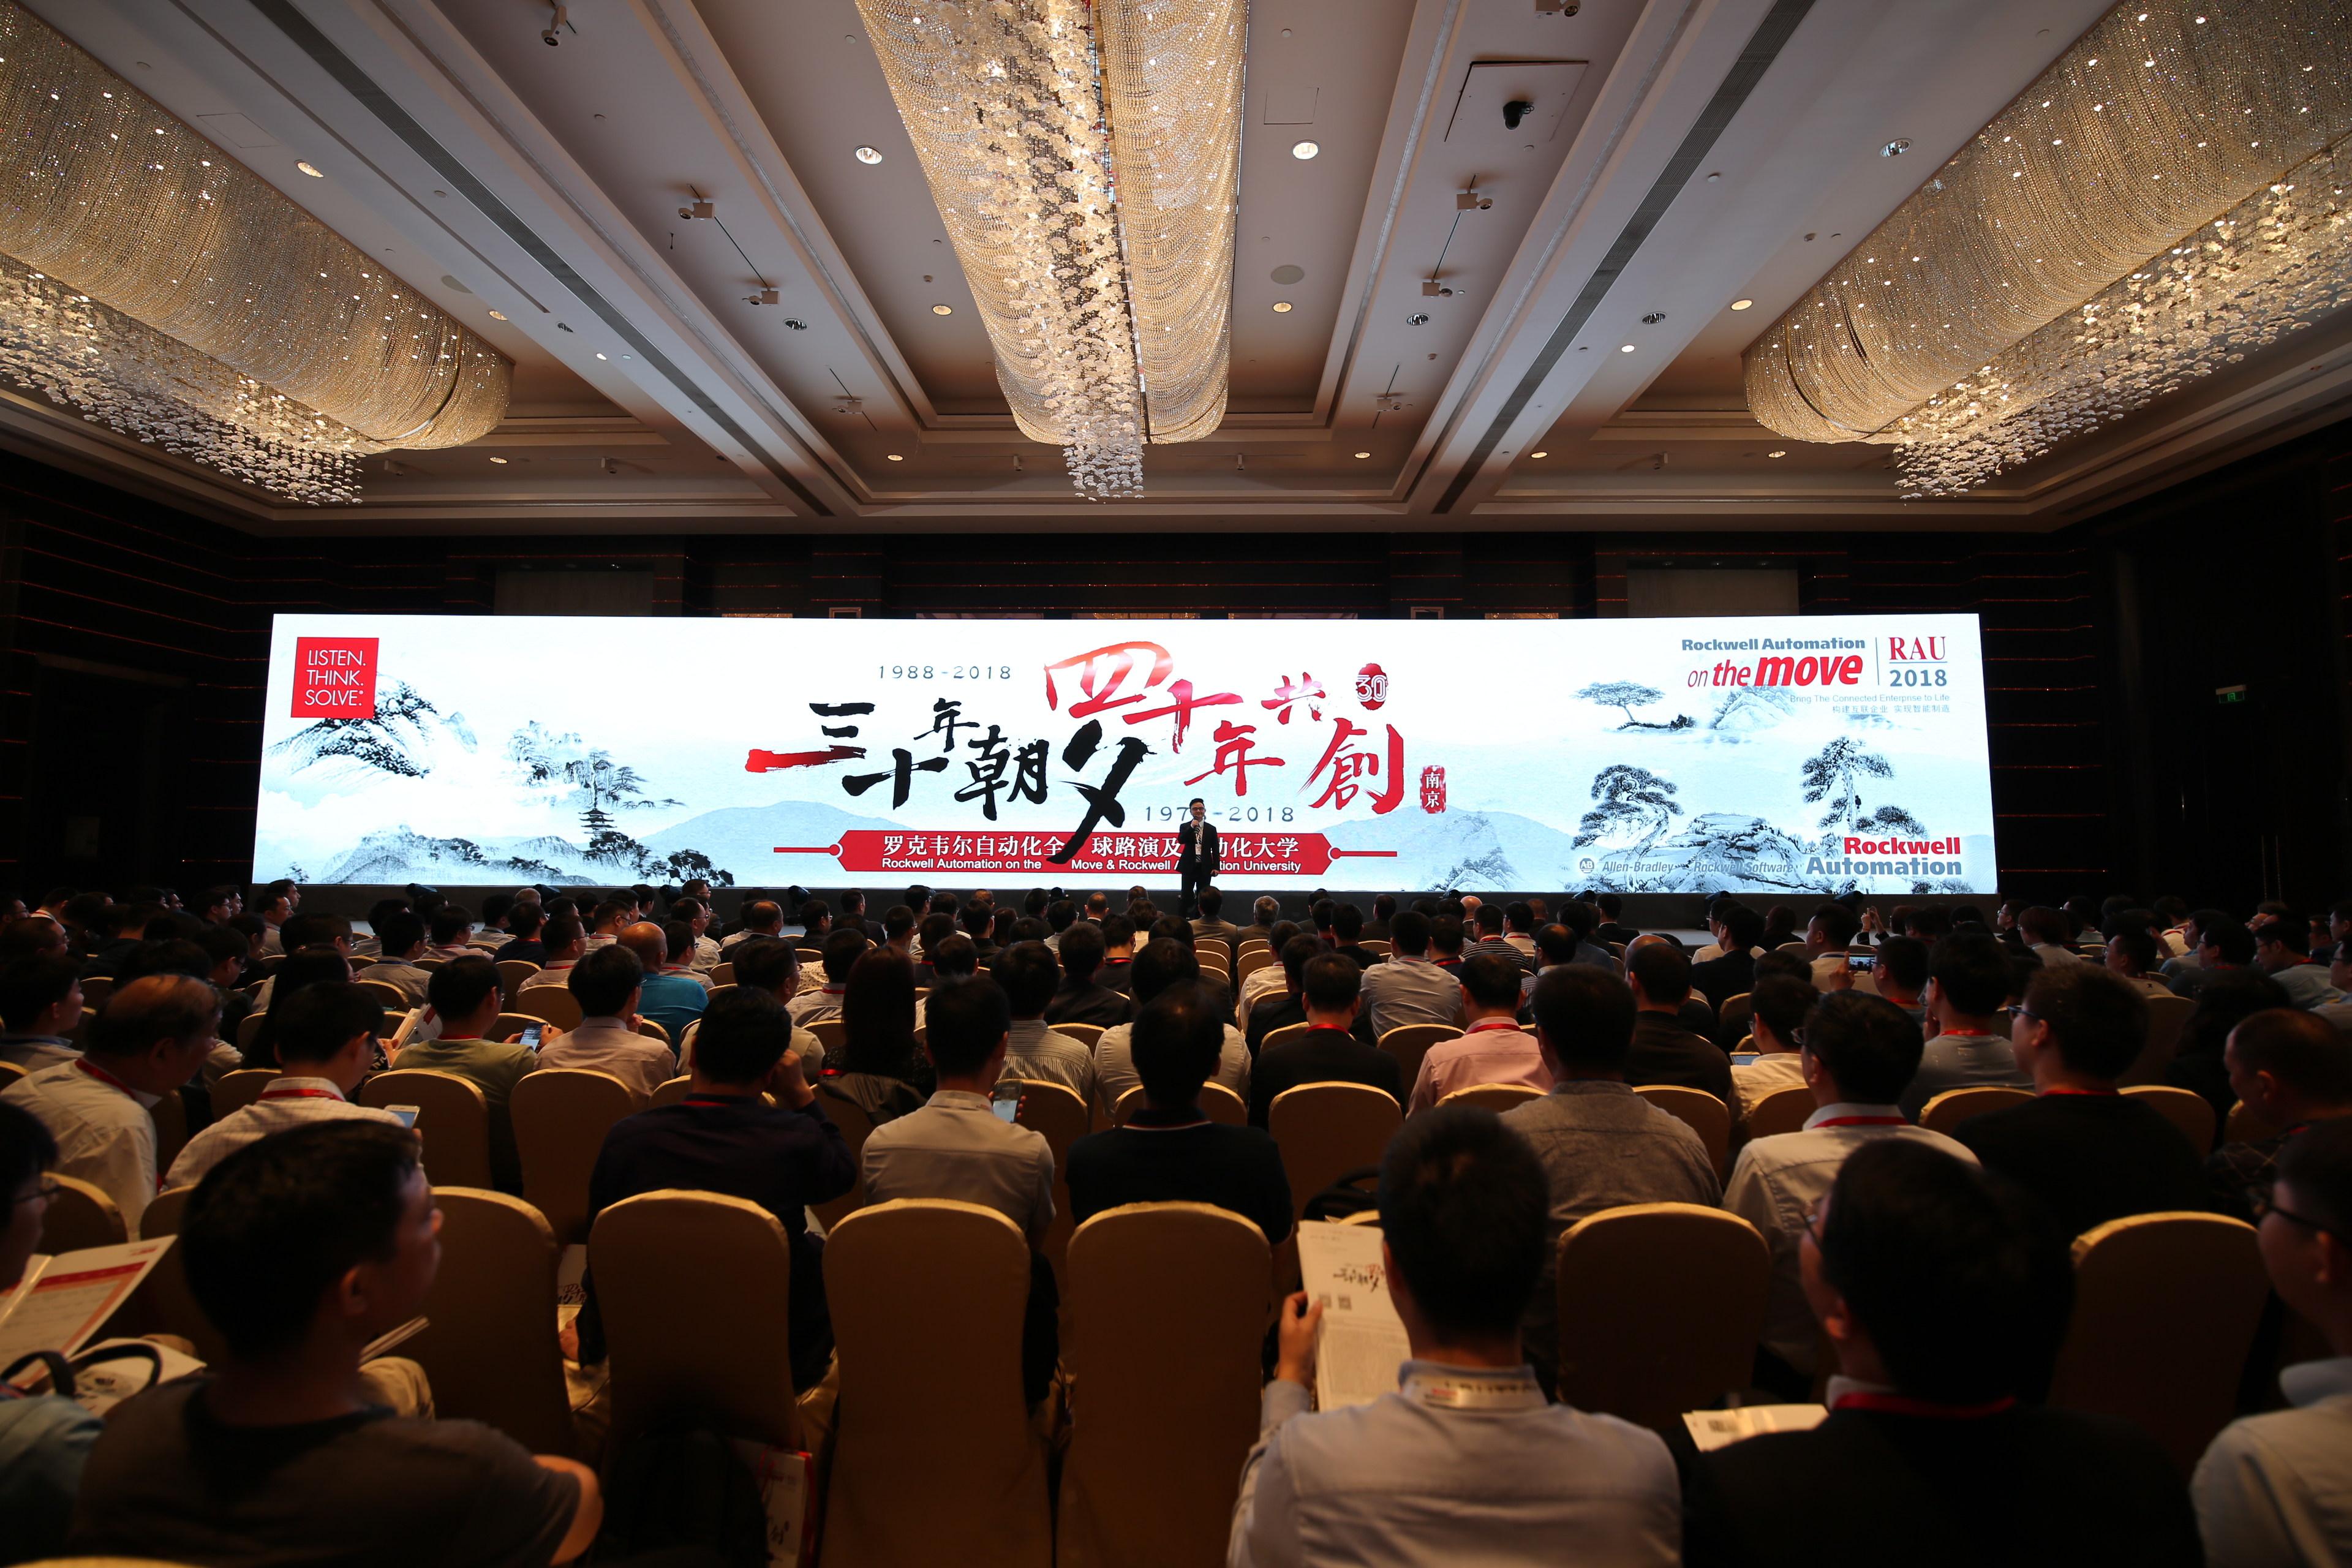 罗克韦尔自动化全球路演南京站 现场照片 2